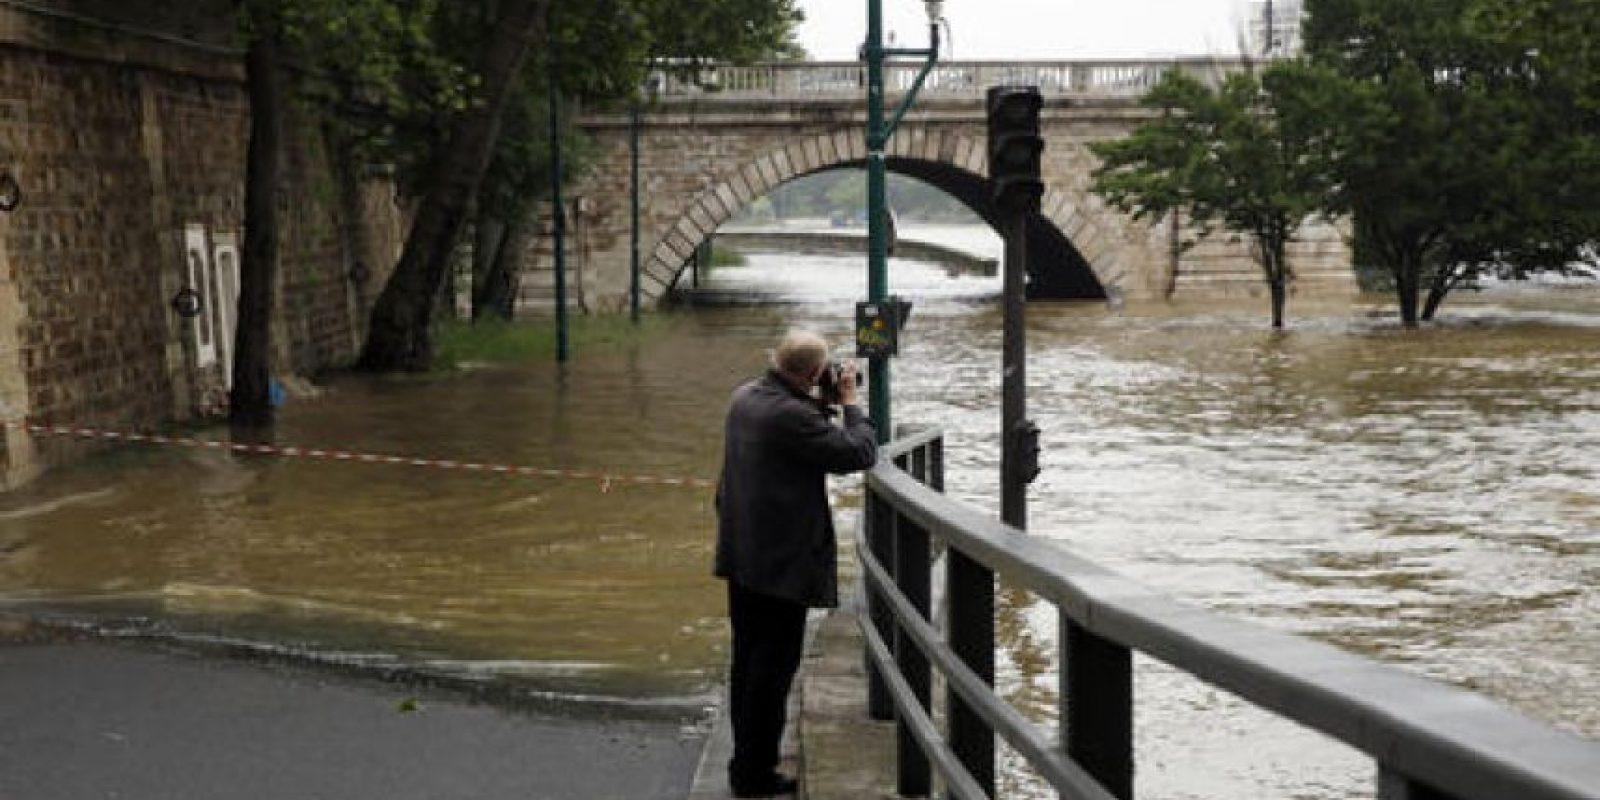 La crecida del río Sena alcanzó los 5.13 metros (16 pies). Foto:AP